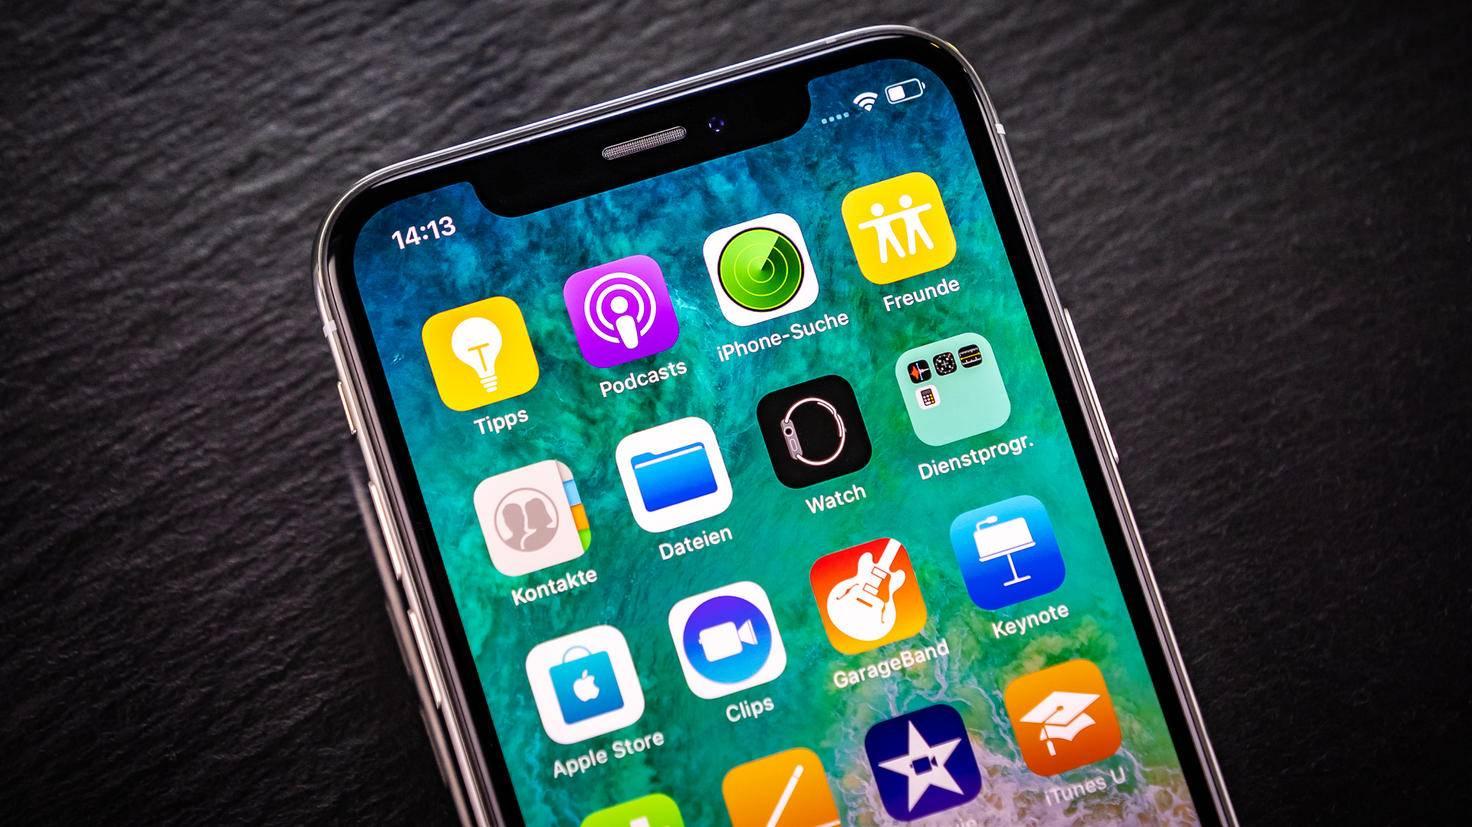 Das iPhone XS hat eine größere Display-Aussparung.